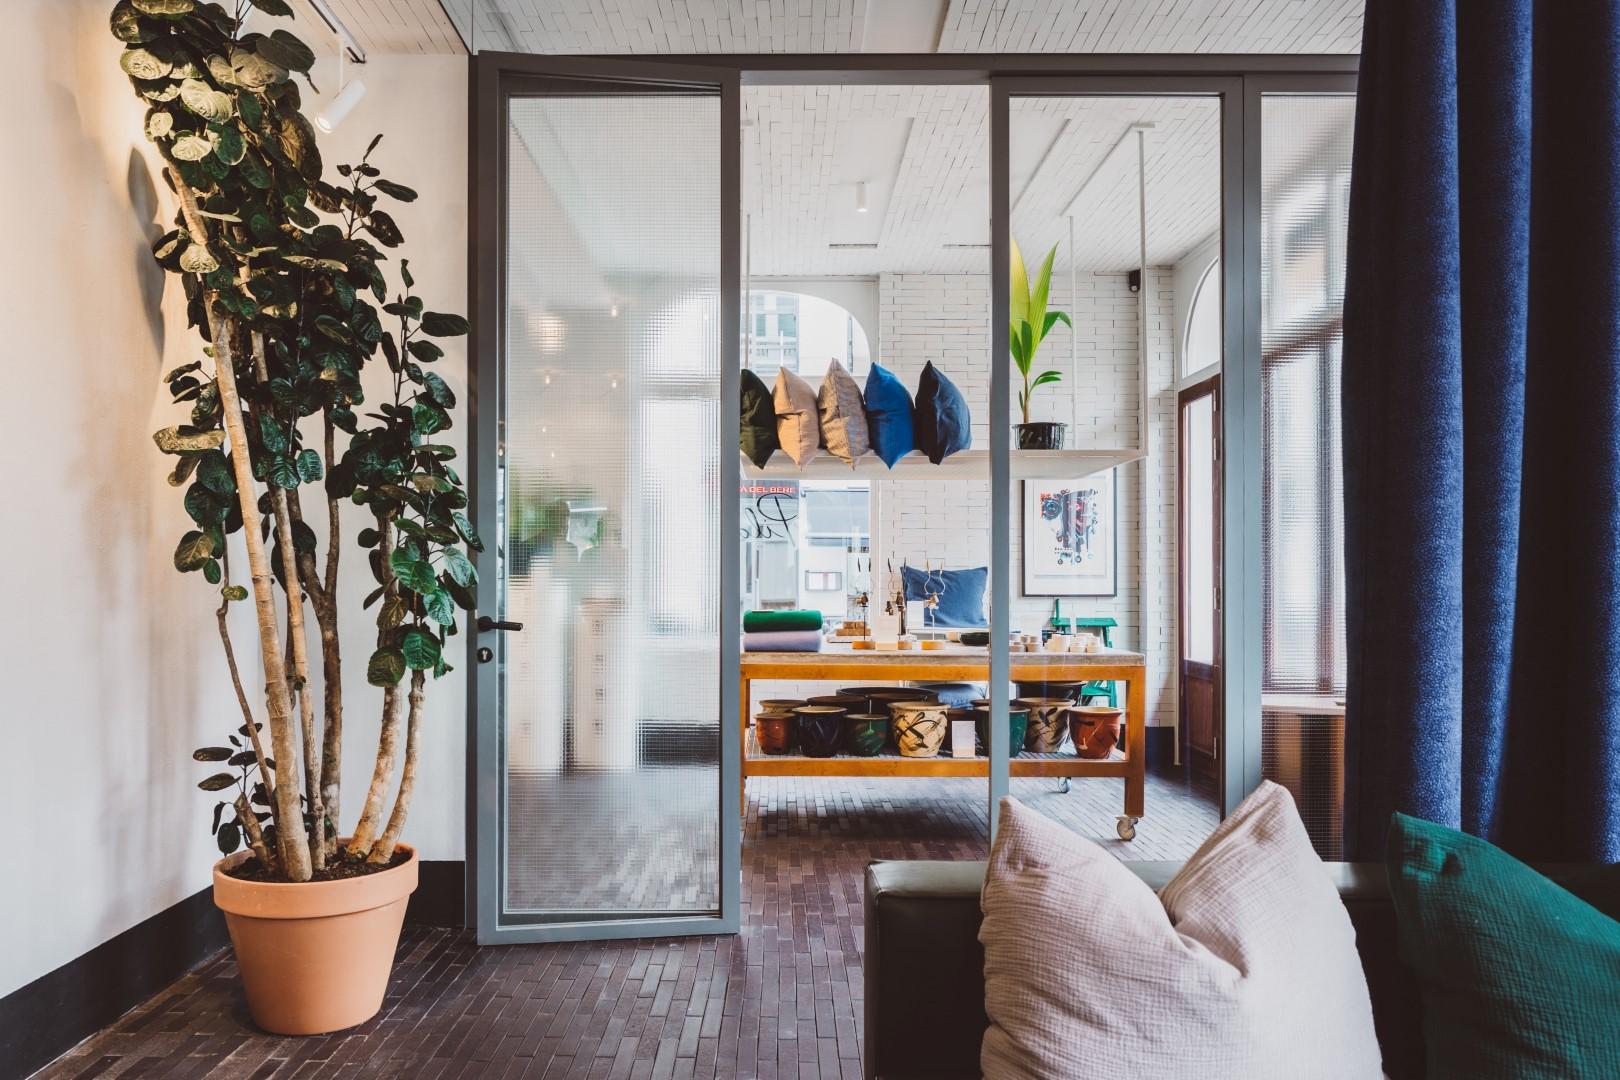 De shop in Hotel Pilar met designmeubels en kunstobjecten in Antwerpen Zuid